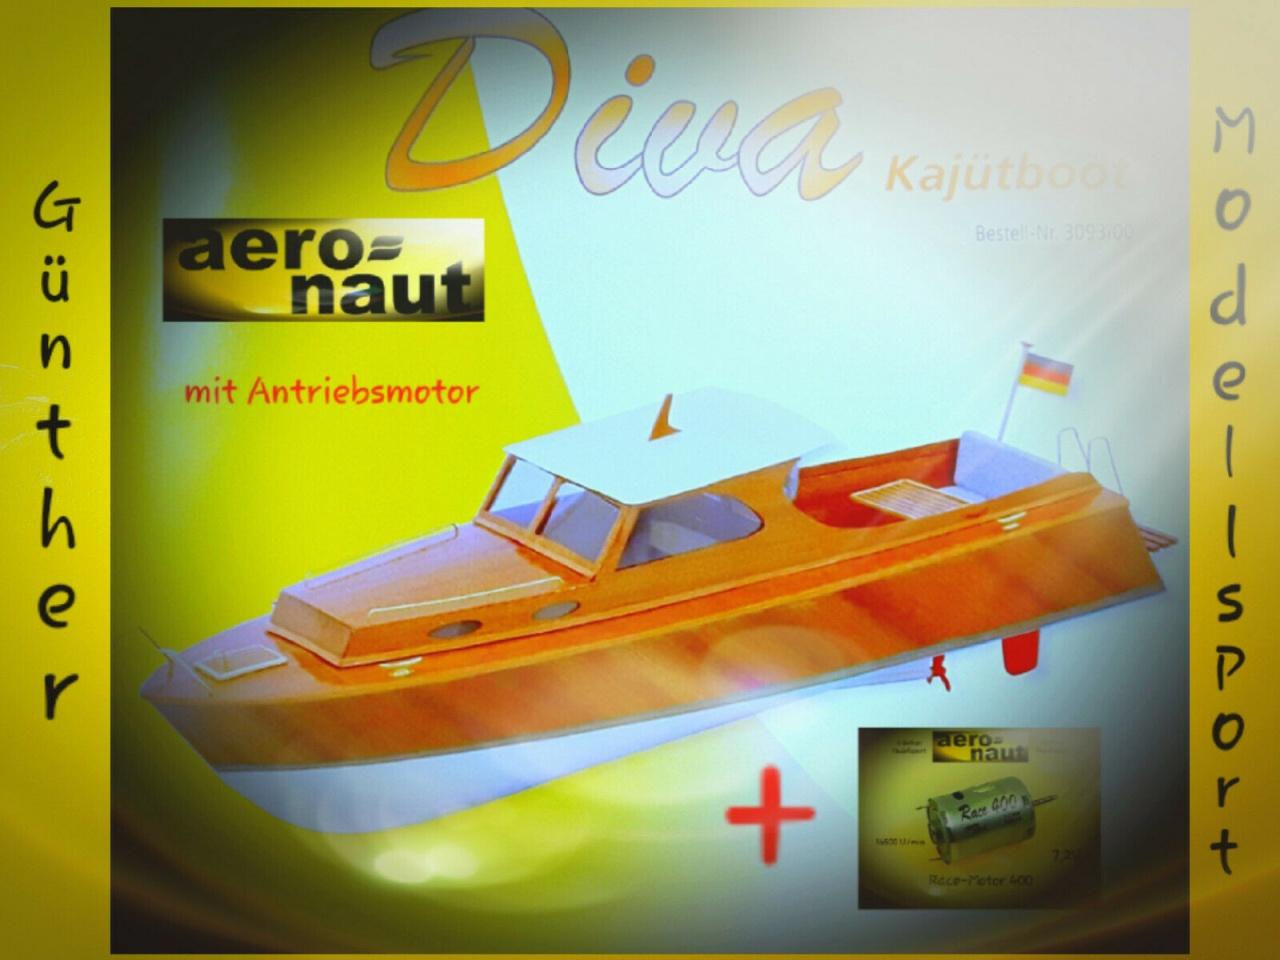 Diva Kajütboot mit Antriebs- Motor, 3093/00.M v. aeronaut